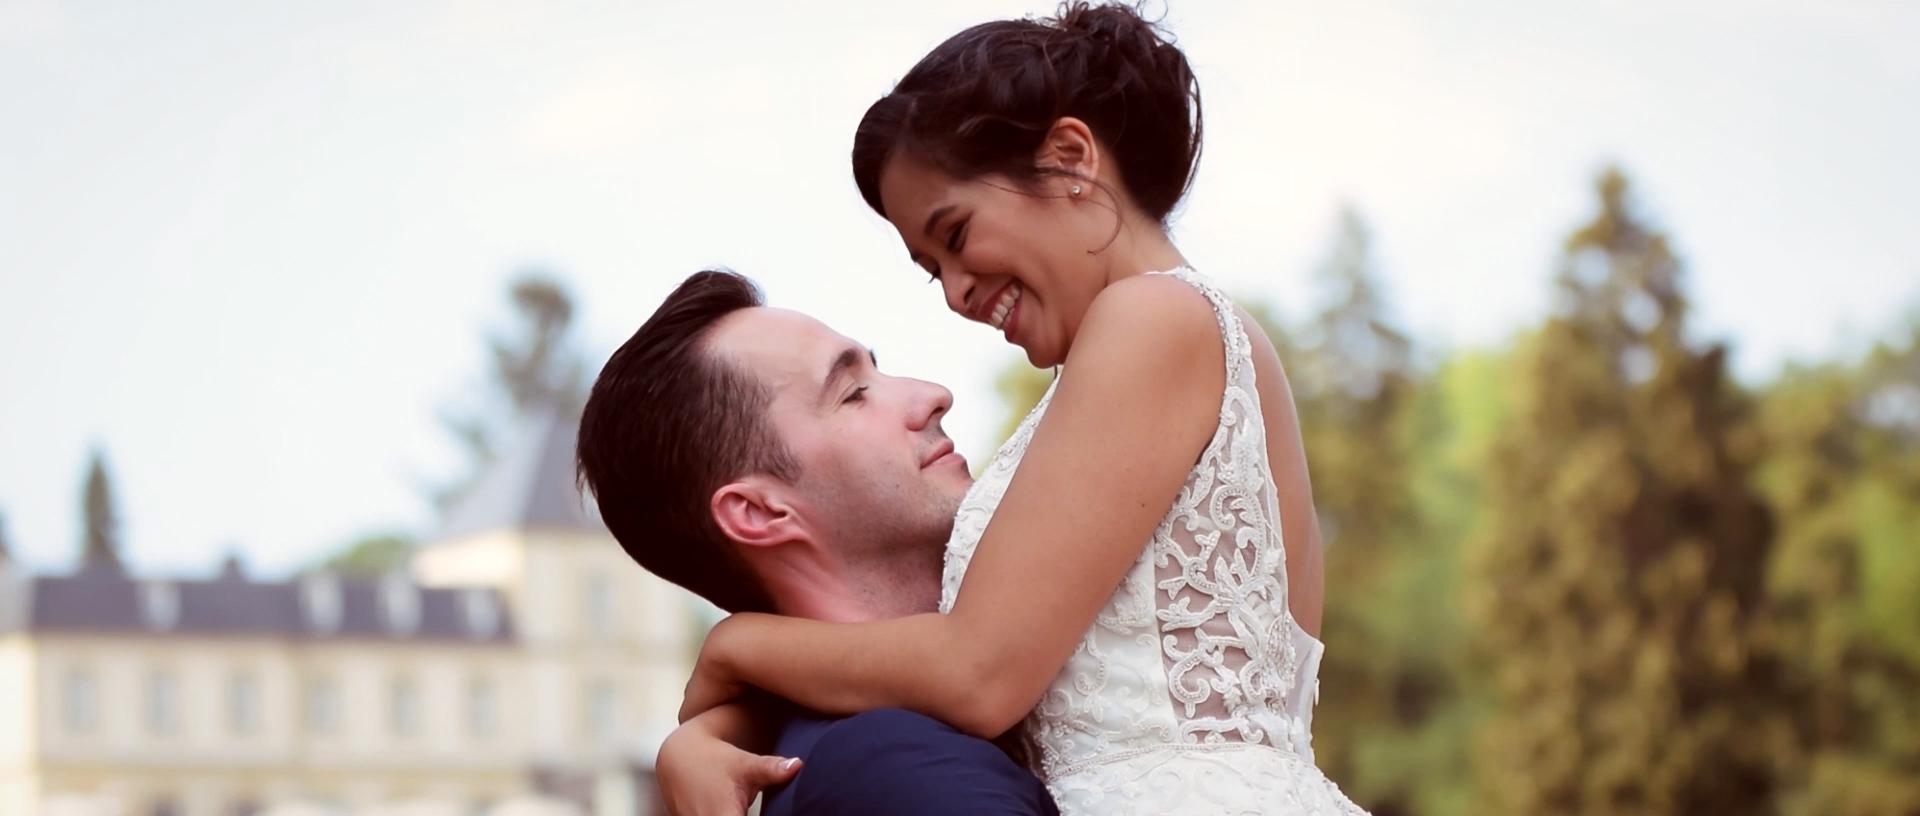 wedding-filmmaker-videographer-videaste-mariage-chateau-du-bois-d-arlon-Videaste-mariage-Belgique-Luxembourg